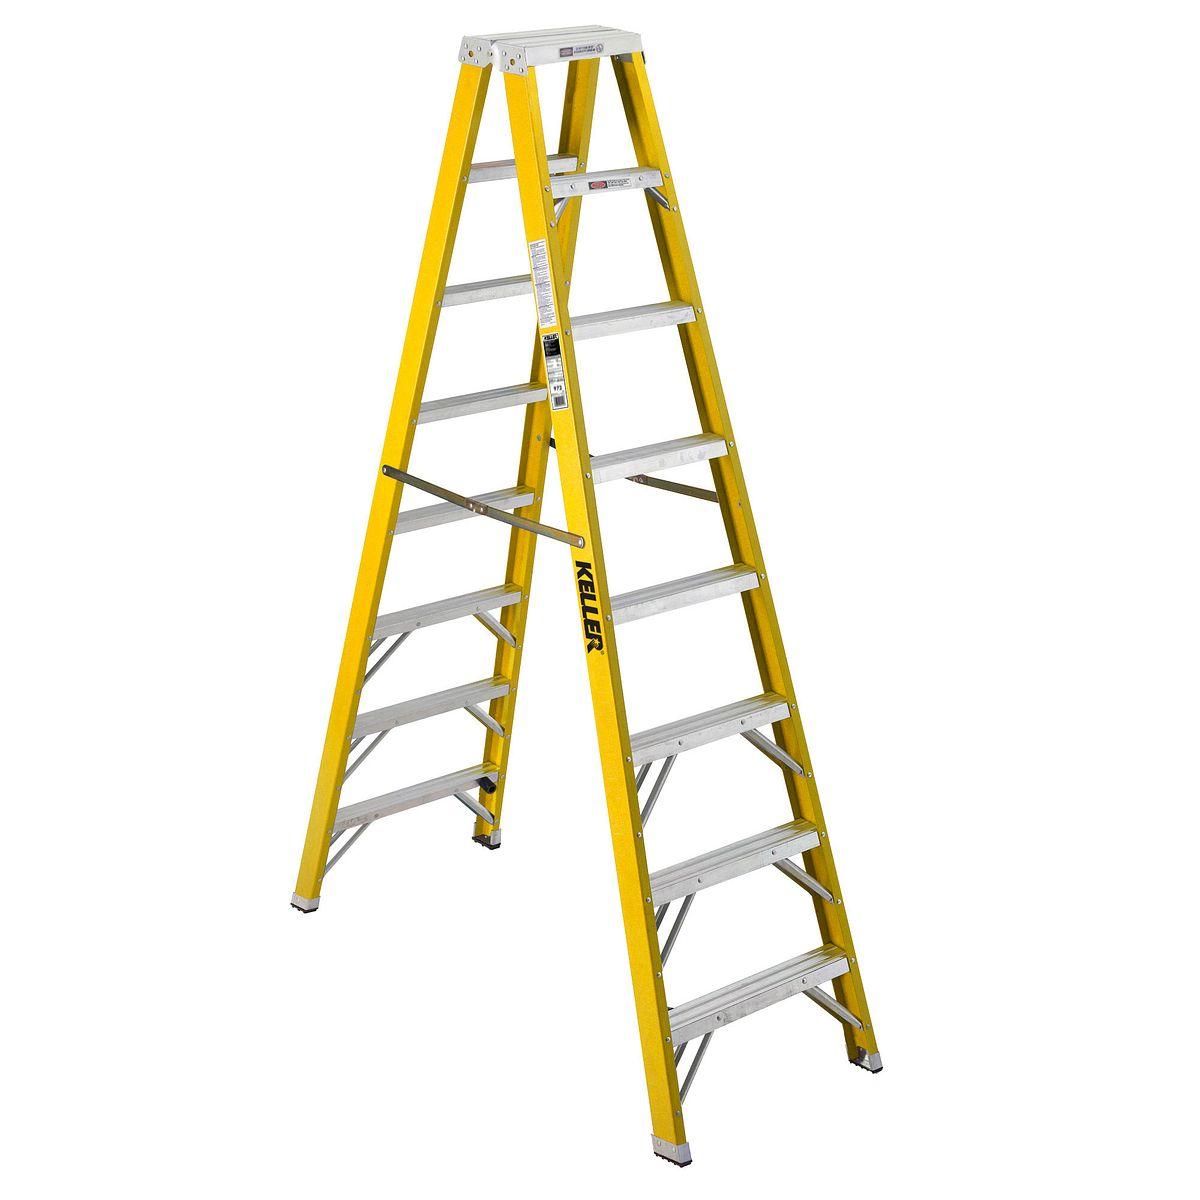 T778 Step Ladders Keller Us